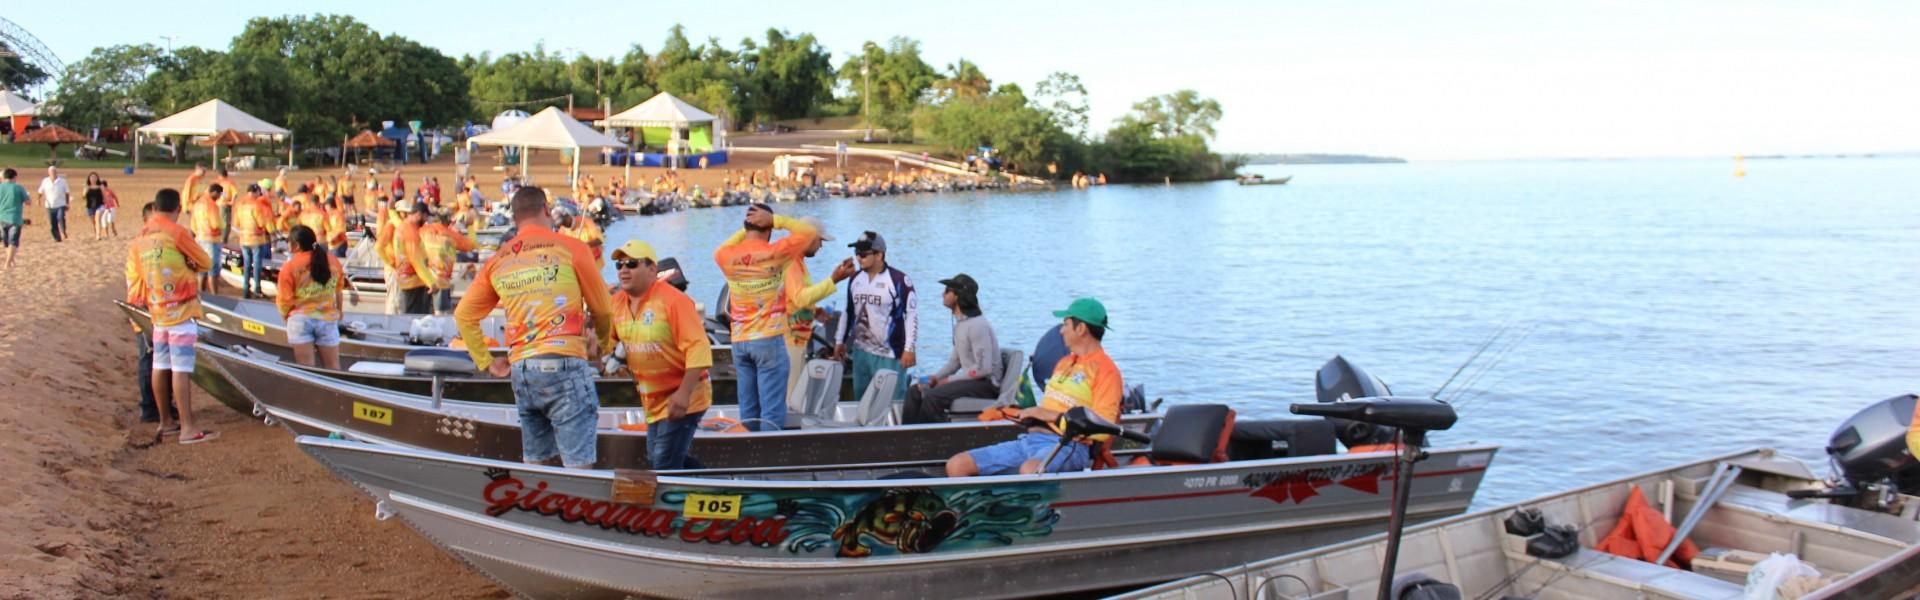 Barcos se preparam para a competição